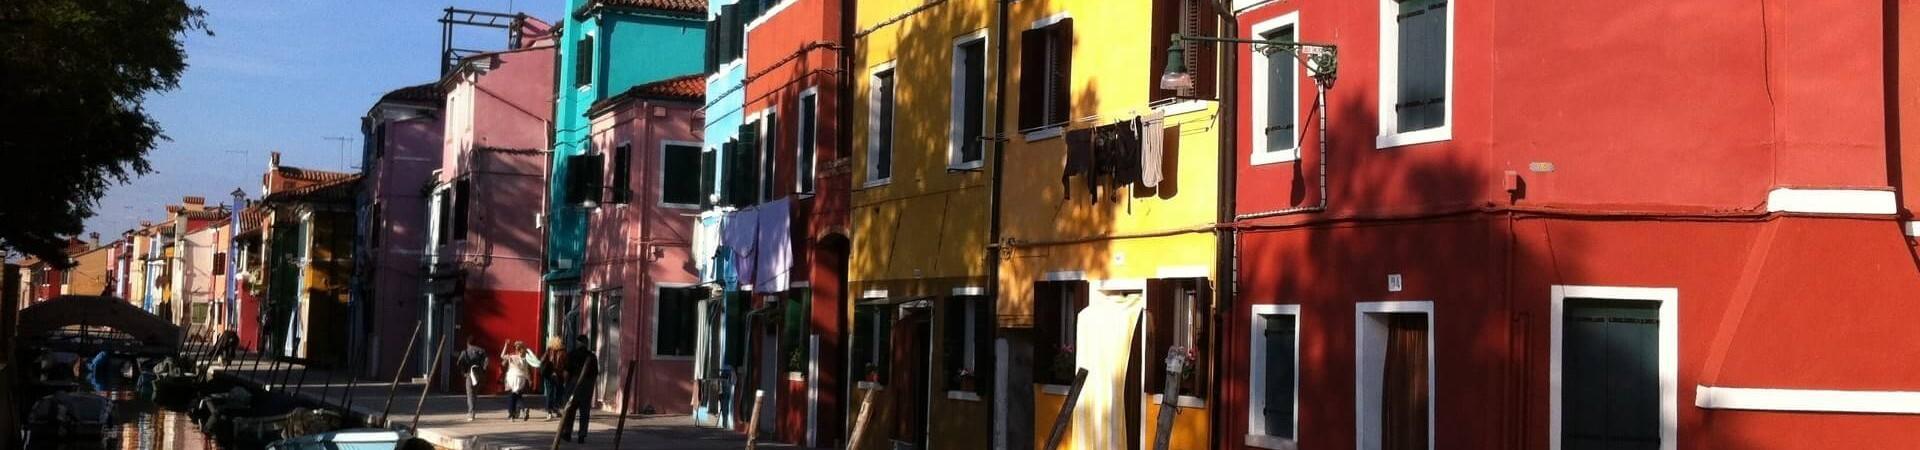 Burano Włochy